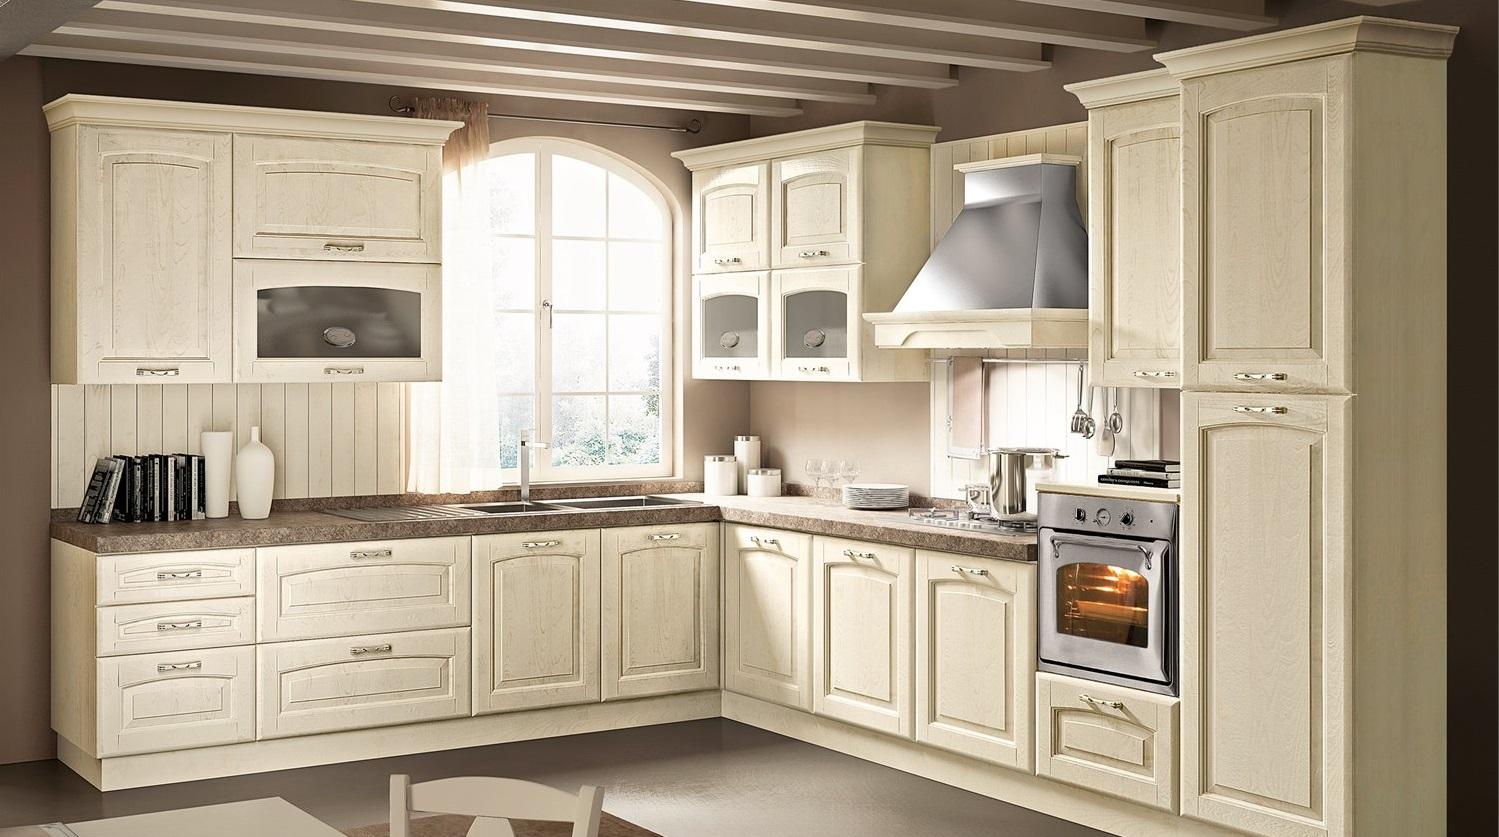 Mondo Convenienza Caserta Cucine - Idee per la progettazione di ...